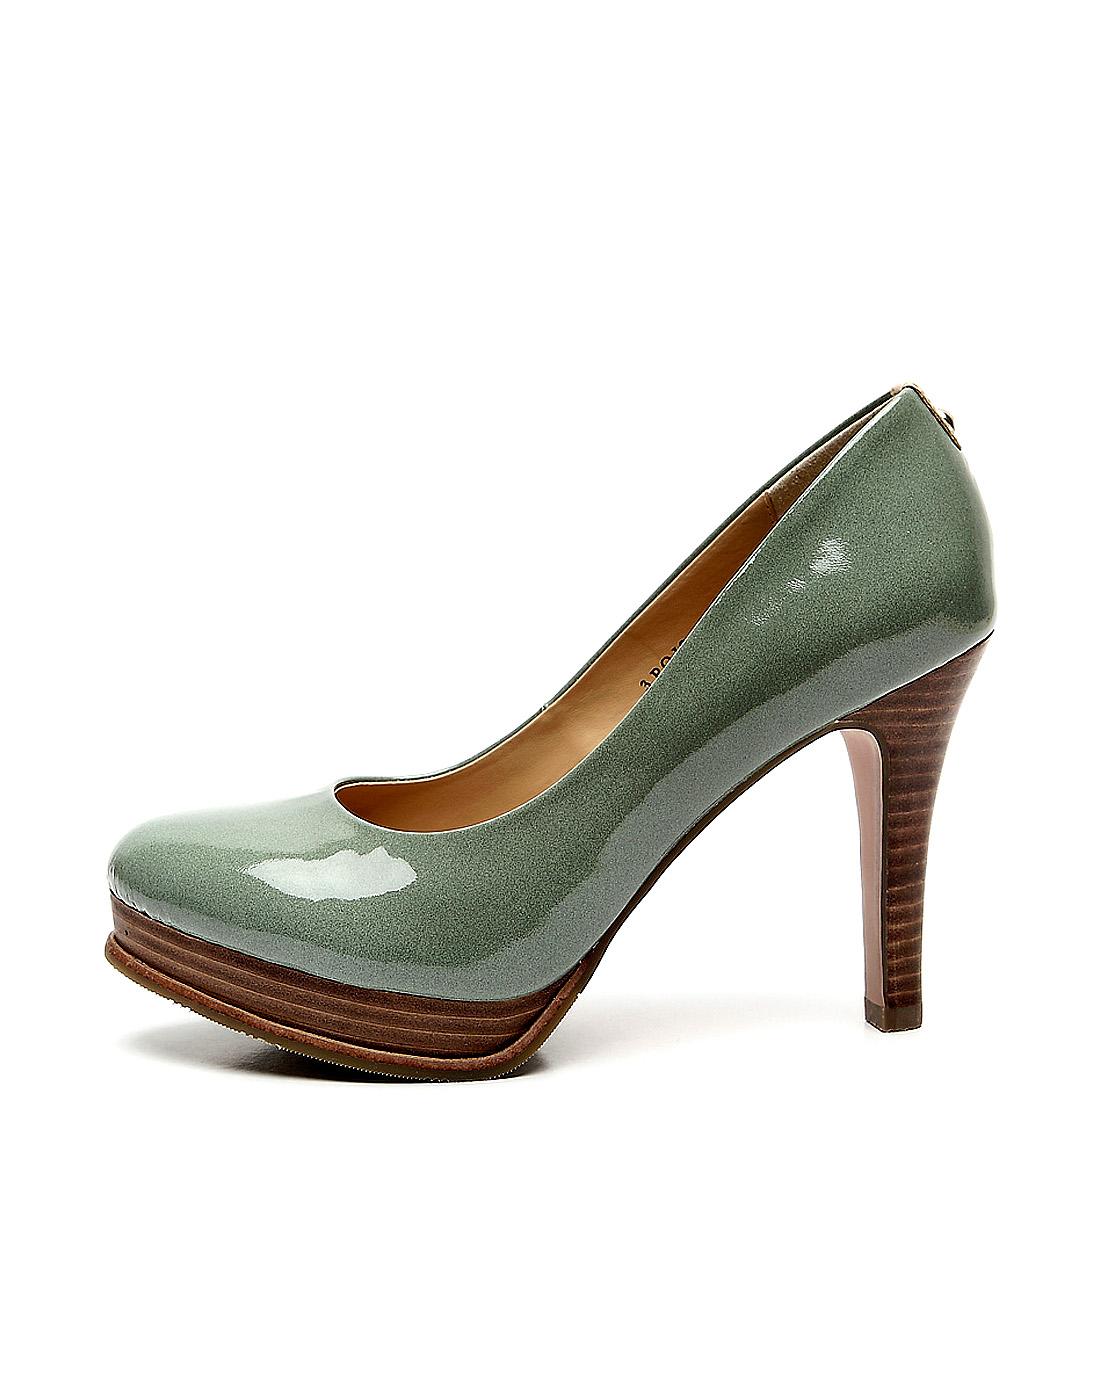 ...的十大厚底单鞋品牌排行榜_厚底单鞋哪个牌子好_315货源网品牌